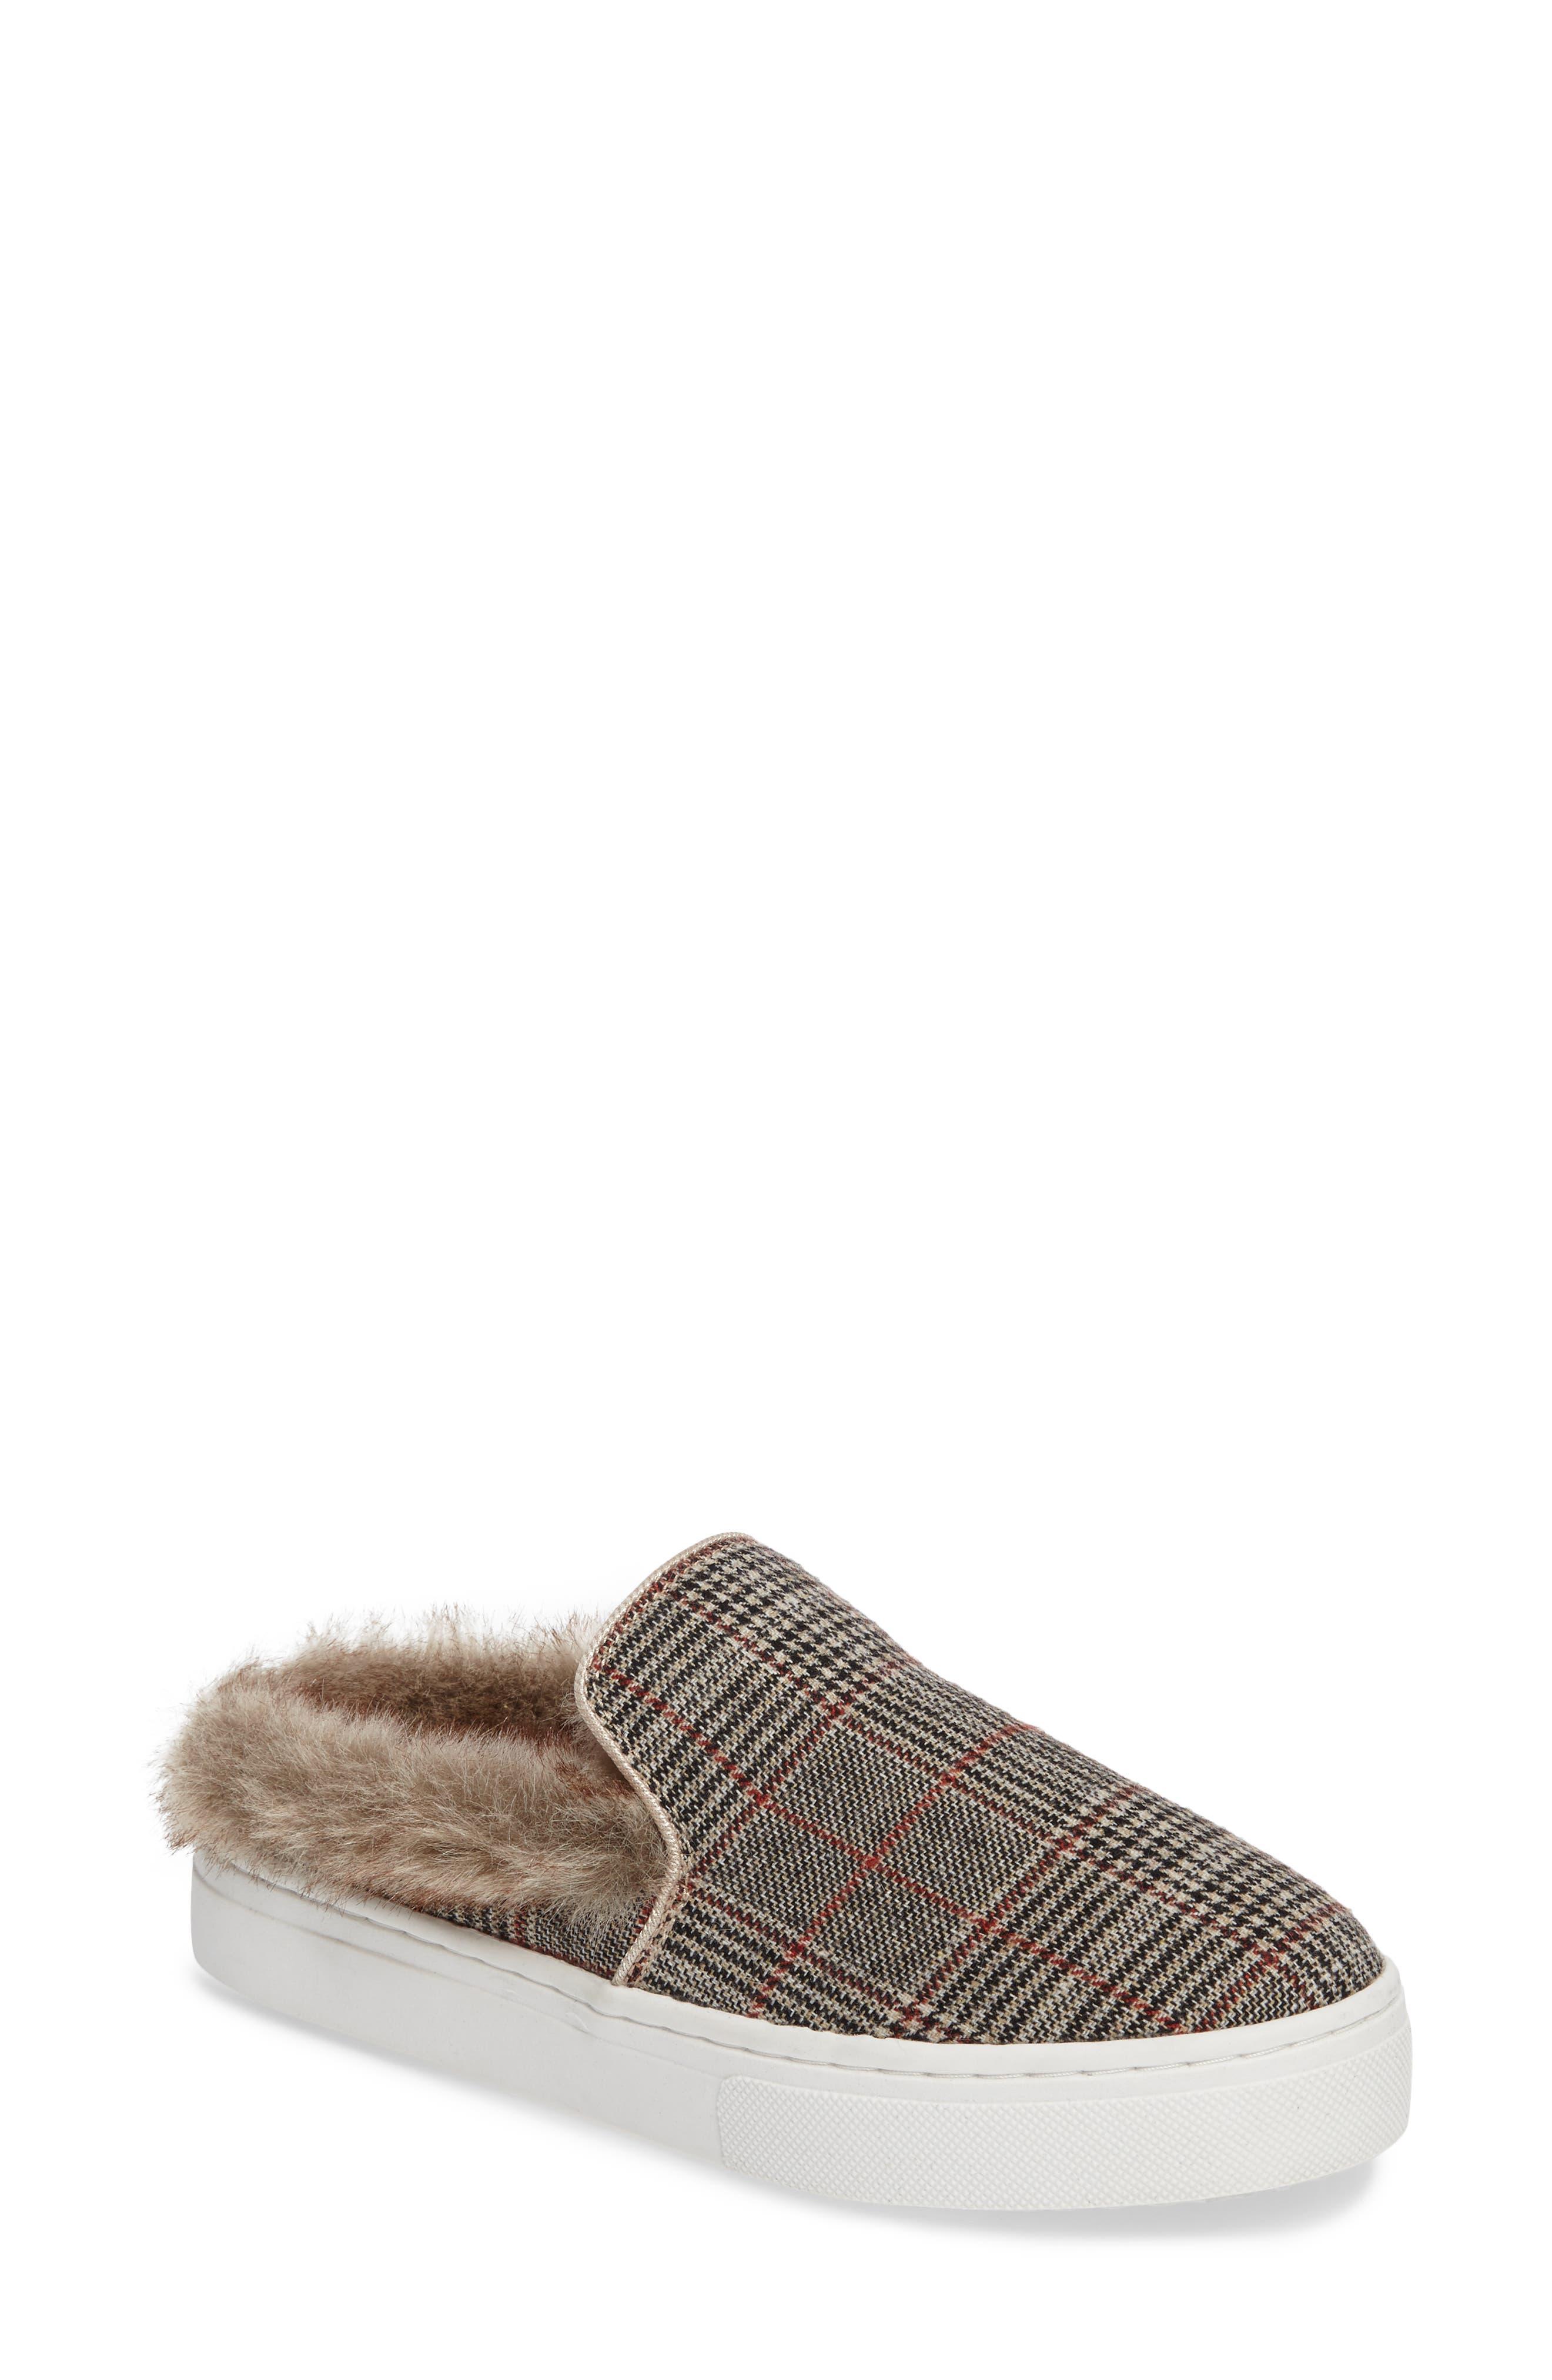 Alternate Image 1 Selected - Sam Edelman Levonne Platform Sneaker Mule (Women)